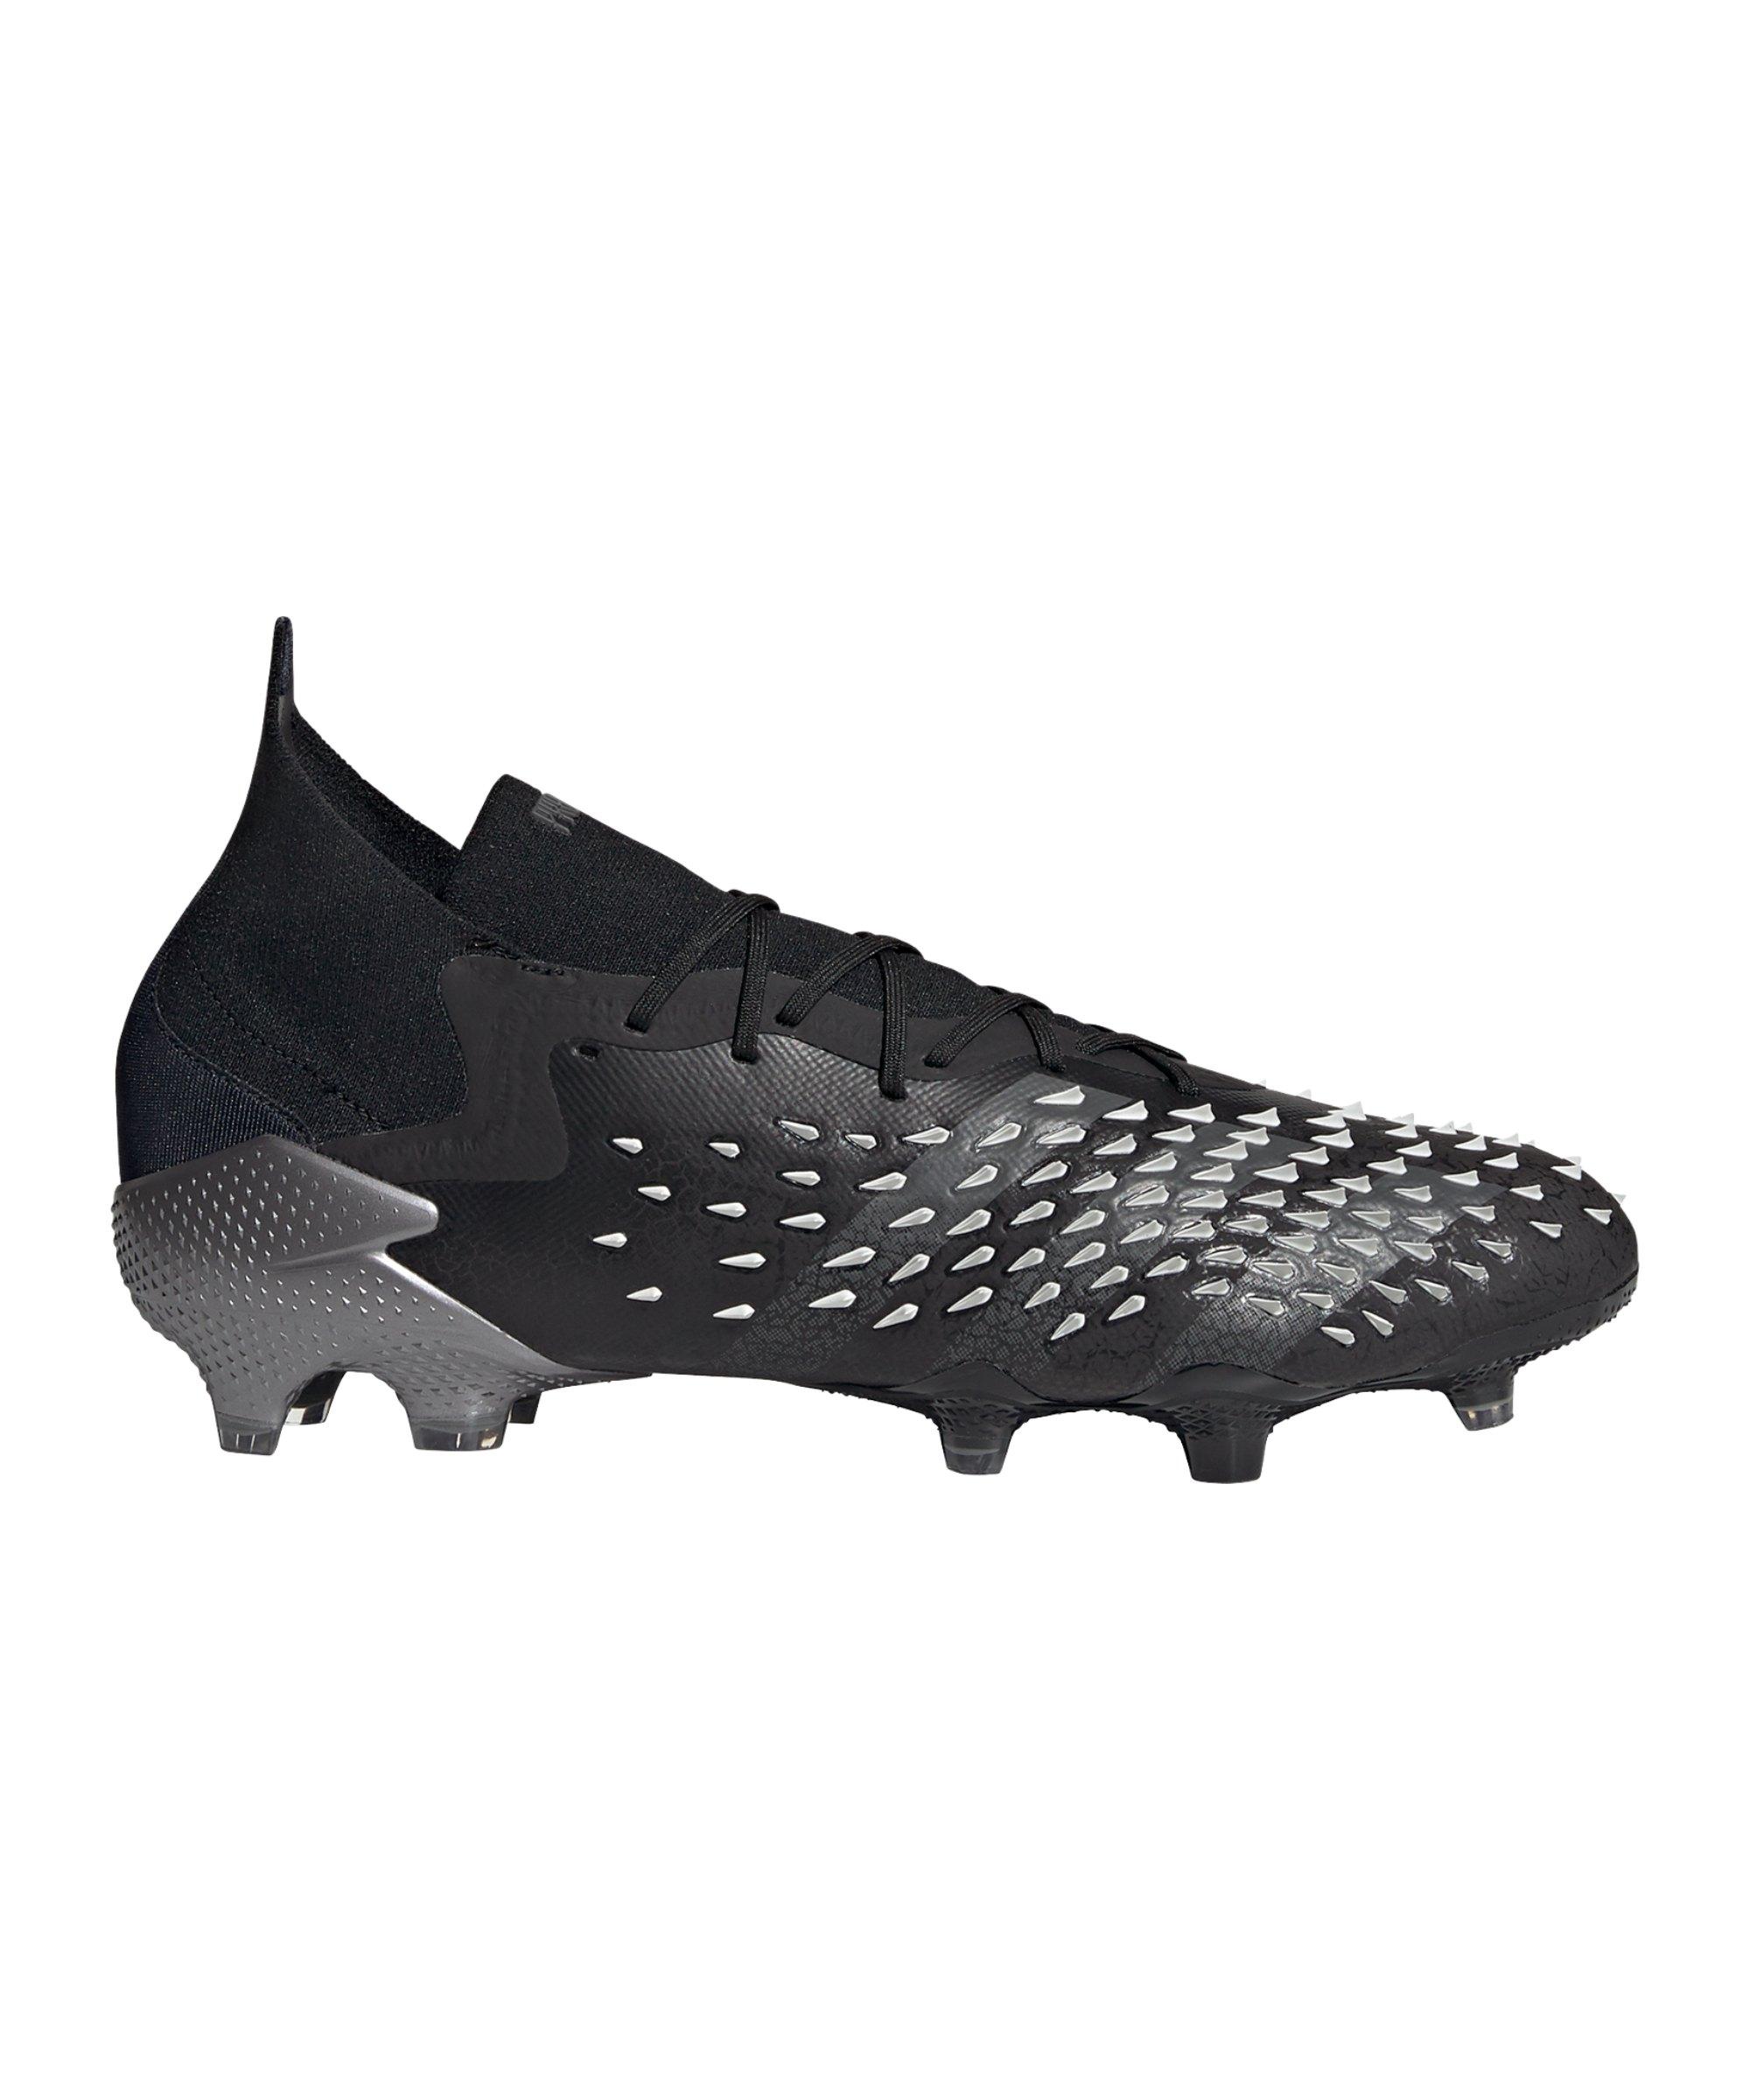 adidas Predator FREAK.1 FG Superstealth Schwarz Grau - schwarz